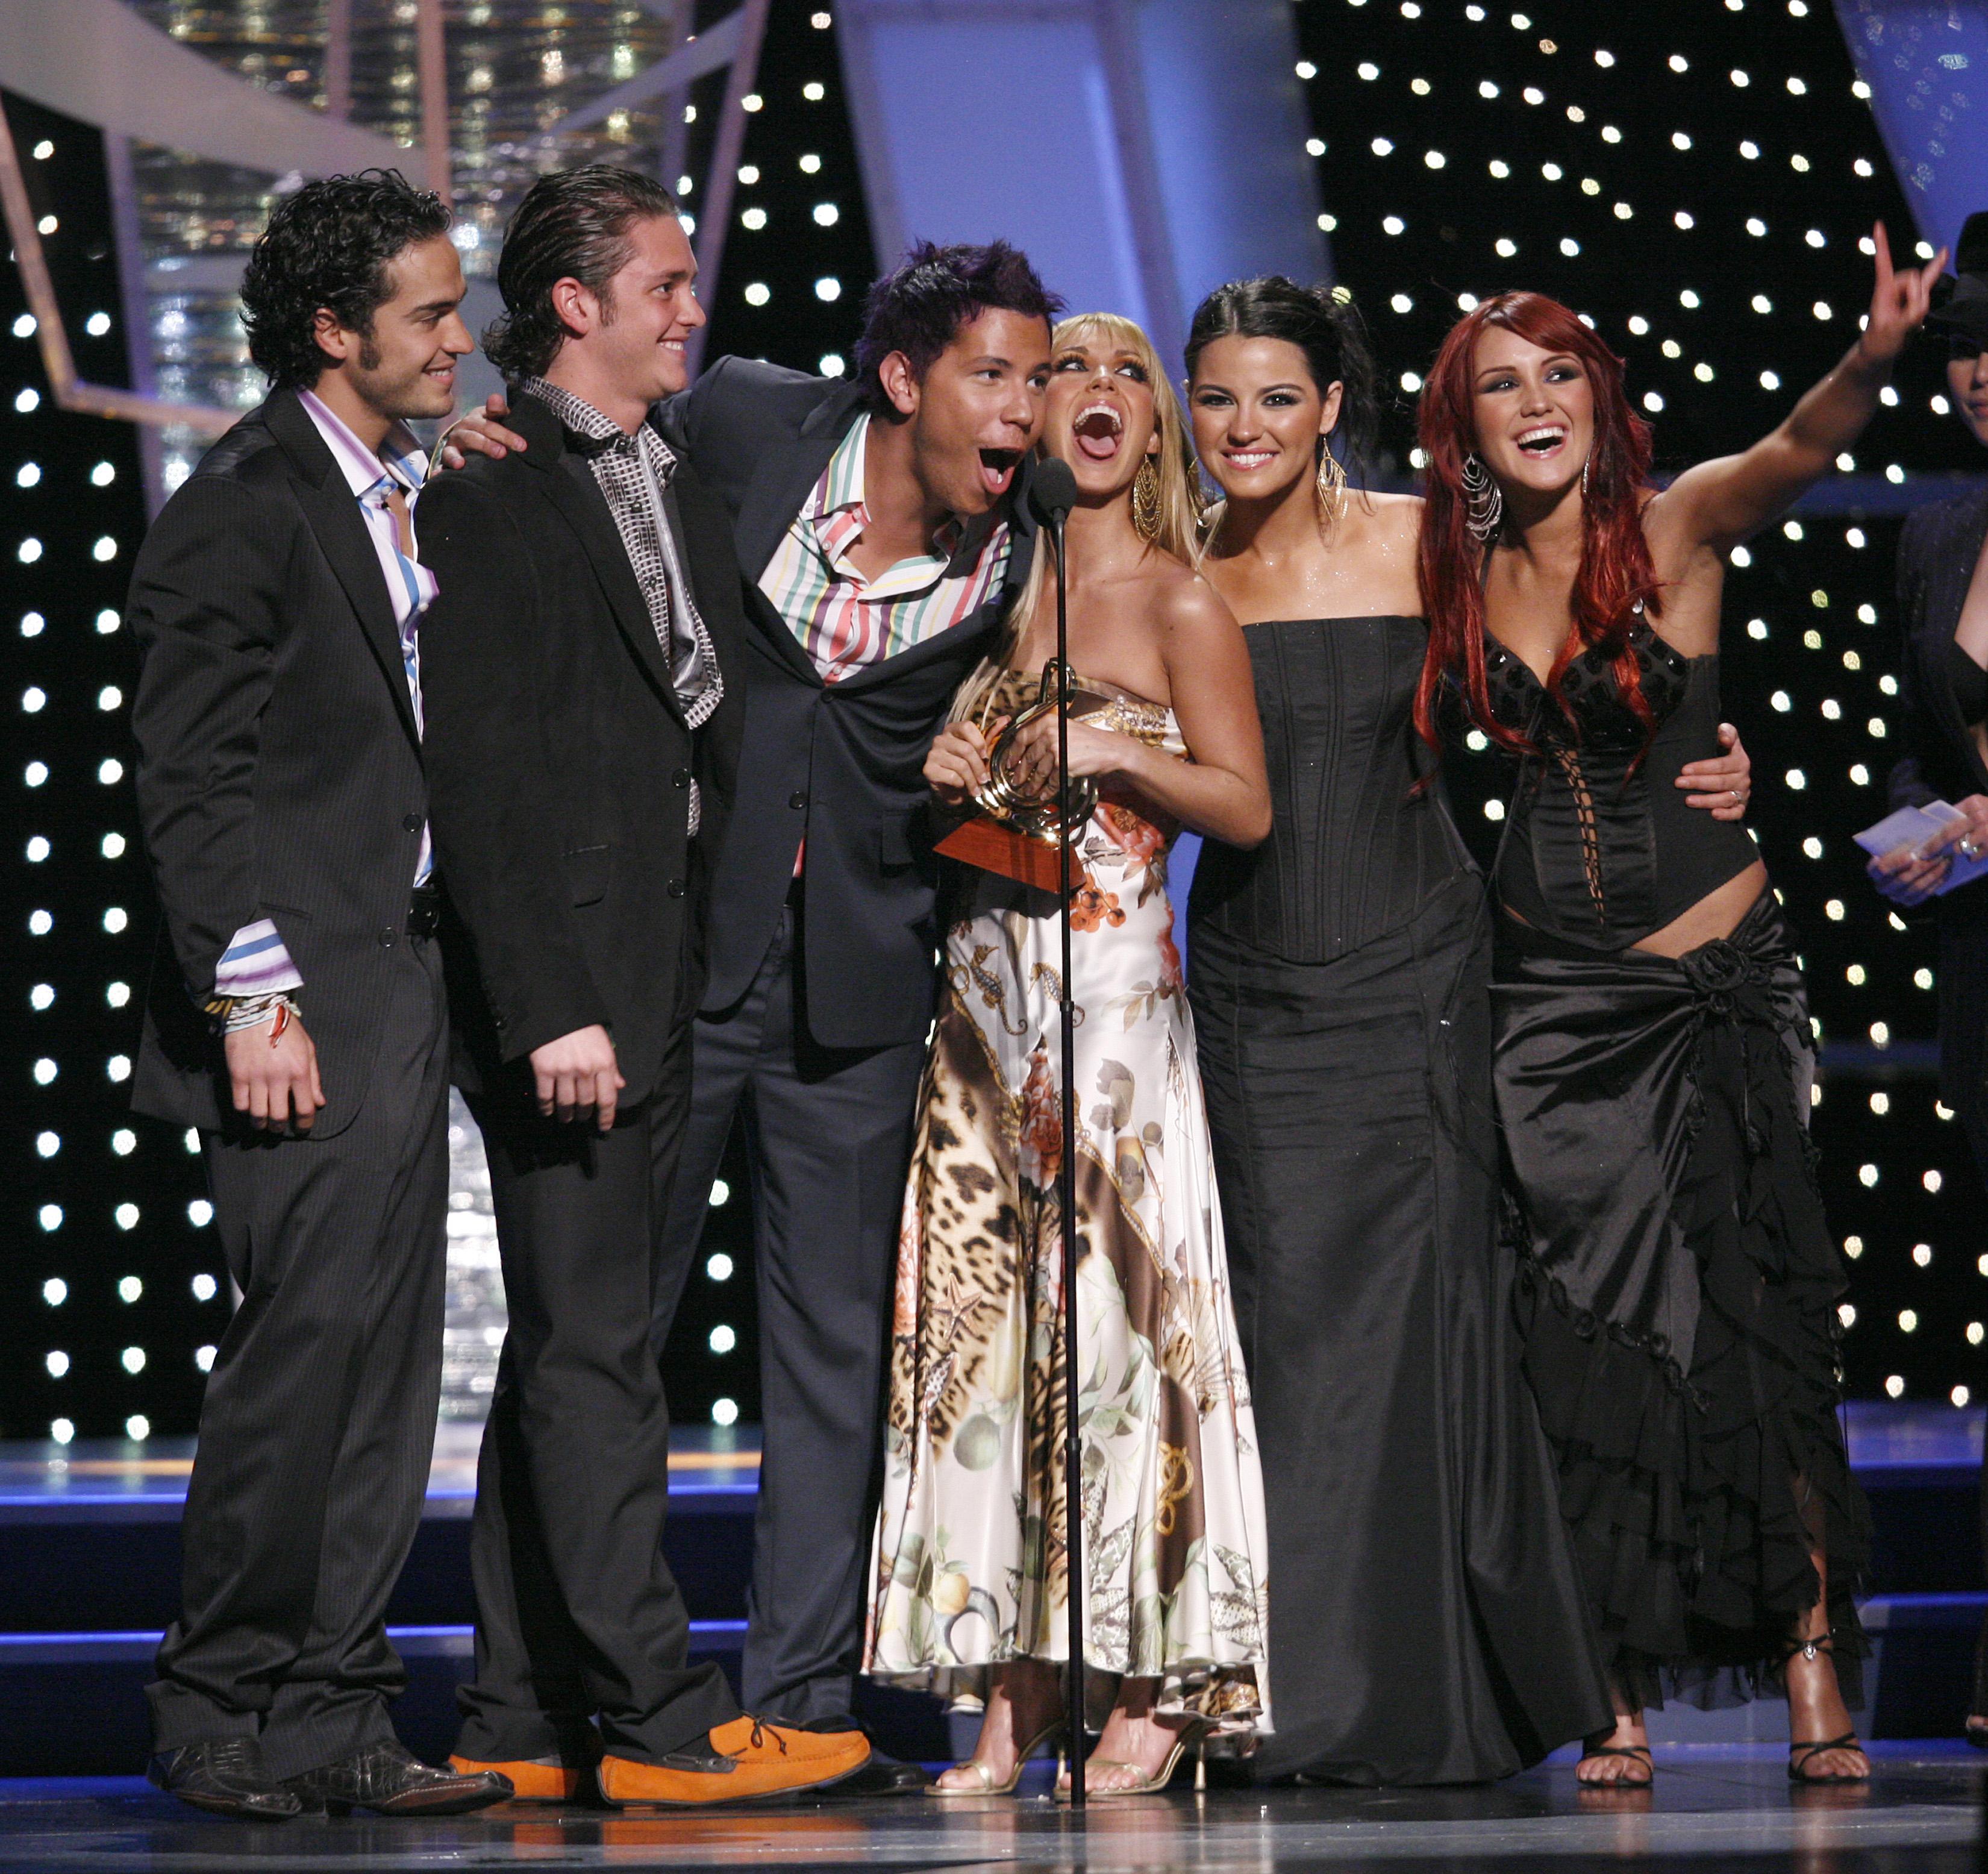 2006 Premio Lo Nuestro - Awards Show